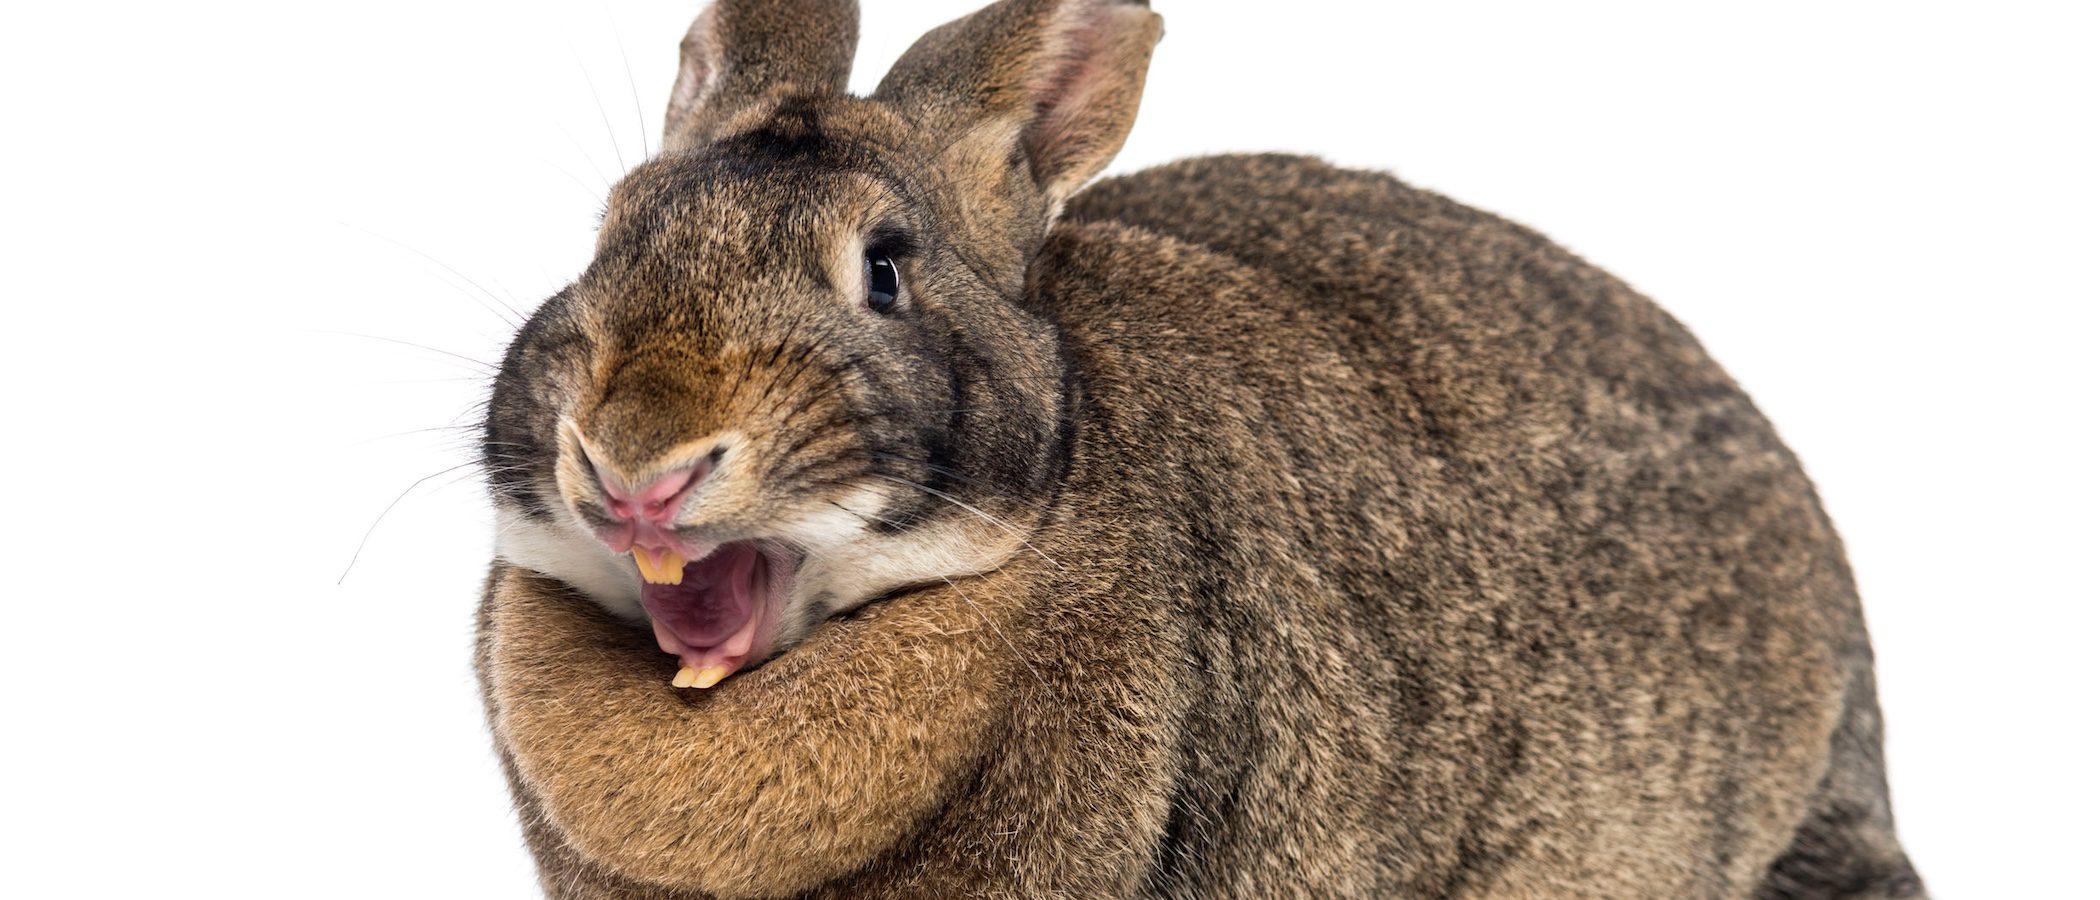 Los dientes del conejo: conoce lo más característico de estos roedores